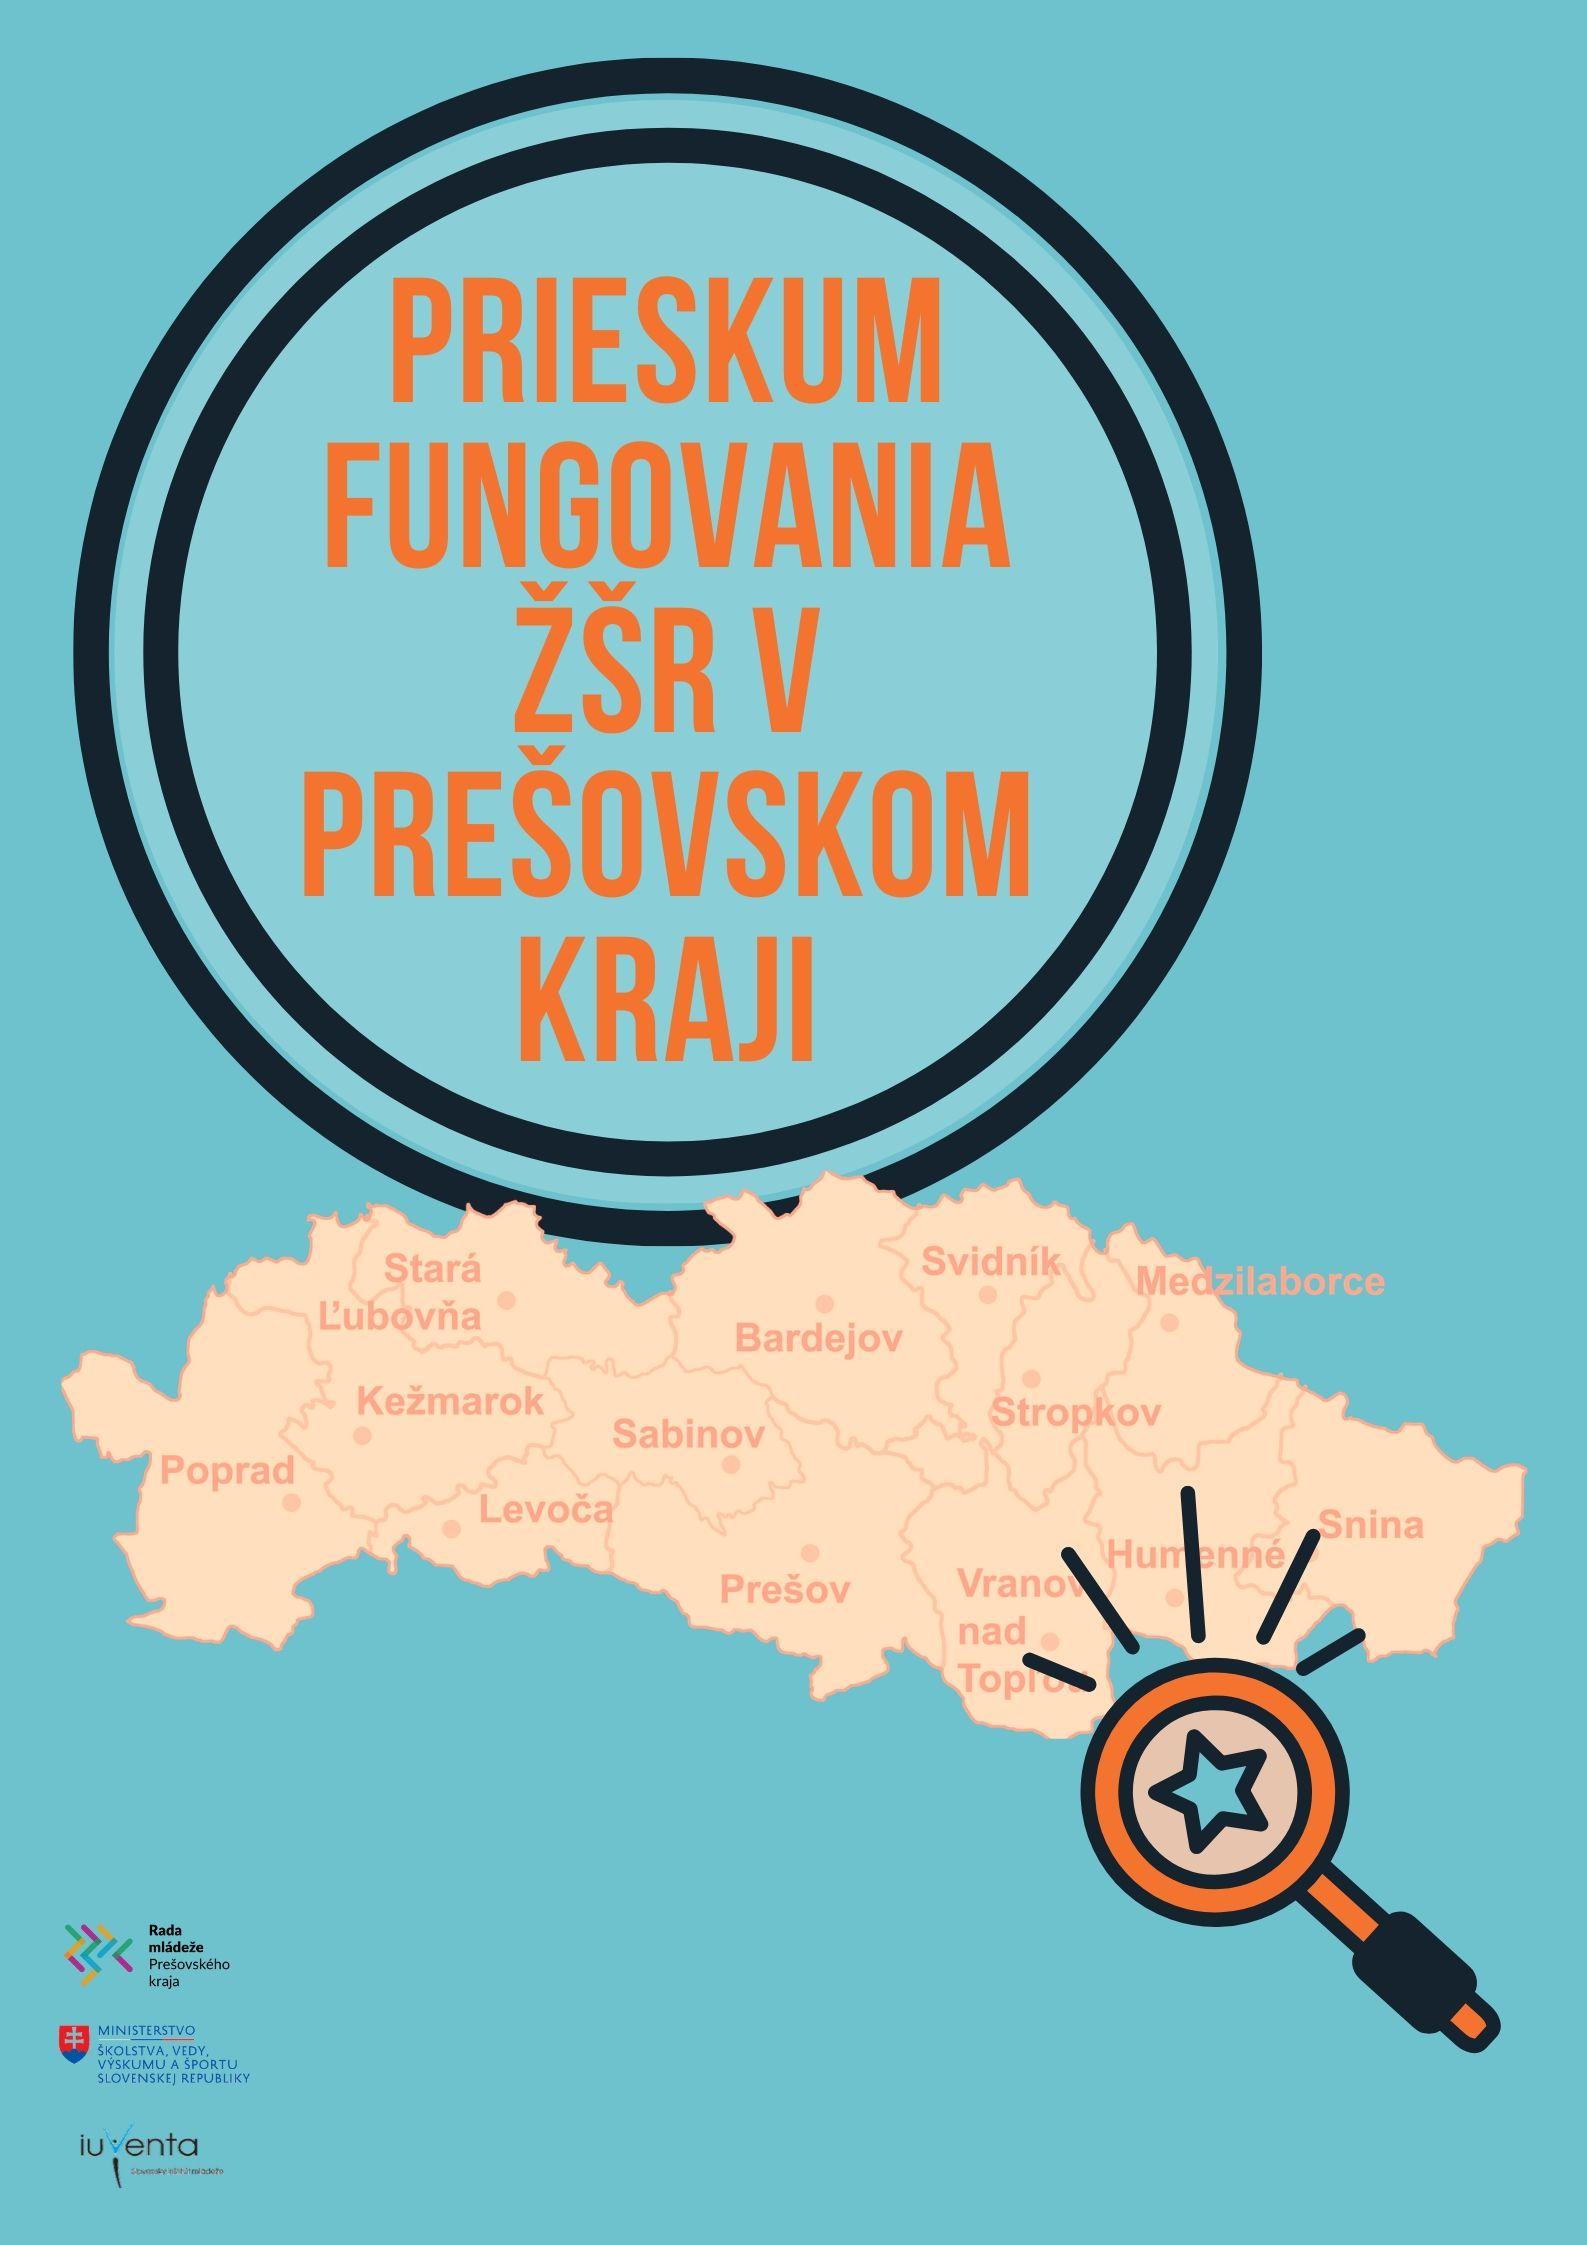 Prieskum ŽŠR v Prešovskom kraji